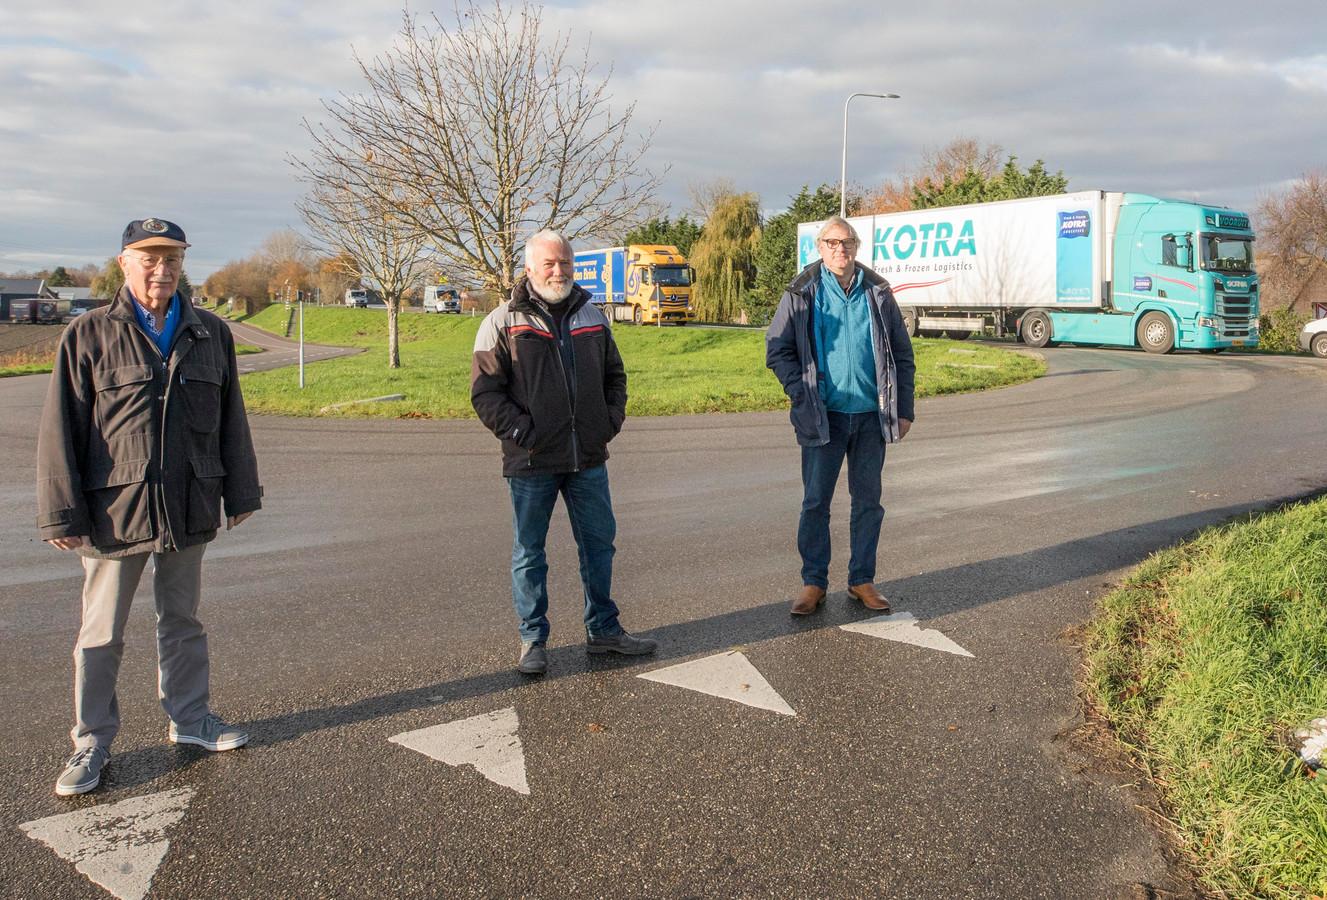 Adri Boone, Thijs Mol en Martien van Overloop zijn kritisch over de door de provincie Zeeland gekozen aanpak van de Zanddijk tussen Yerseke en de A58. Yersekenaren zullen volgens hen vanaf de geplande rotonde op het kruispunt Zanddijk-Molendijk-Olzendedijk  (foto) alsnog achter het langzaam optrekkende vrachtverkeer aansukkelen.